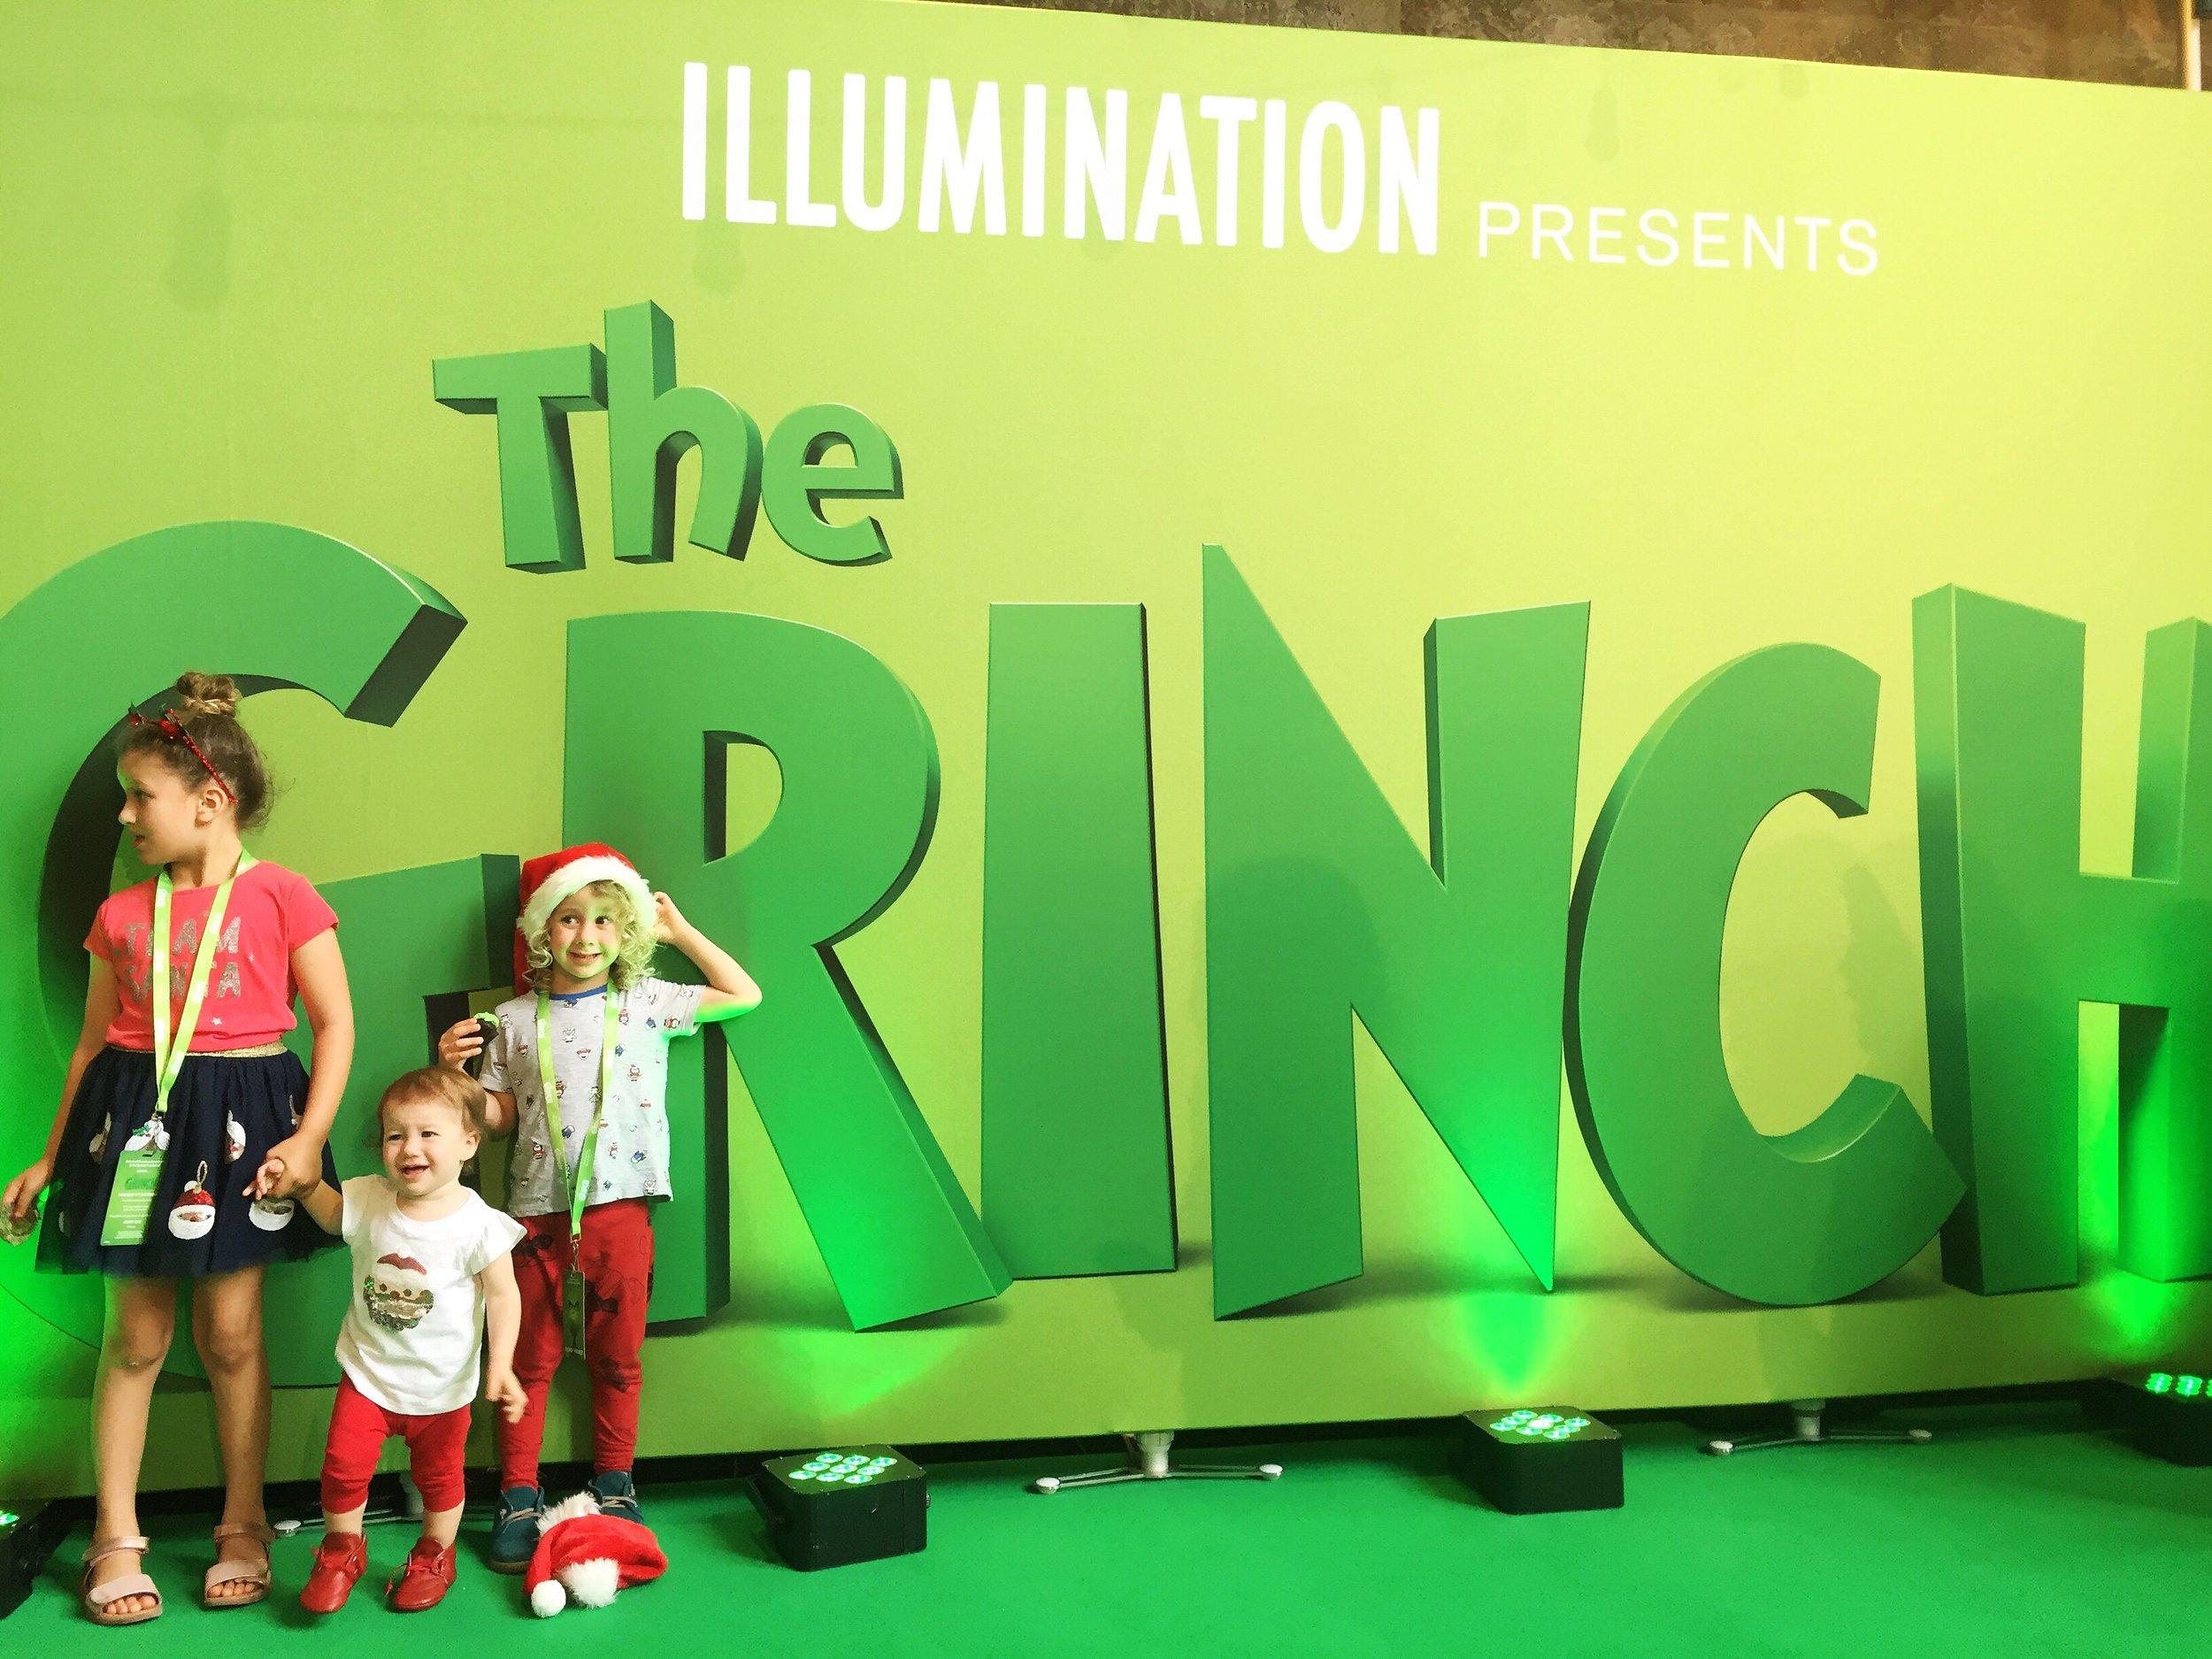 The Grinch movie premiere